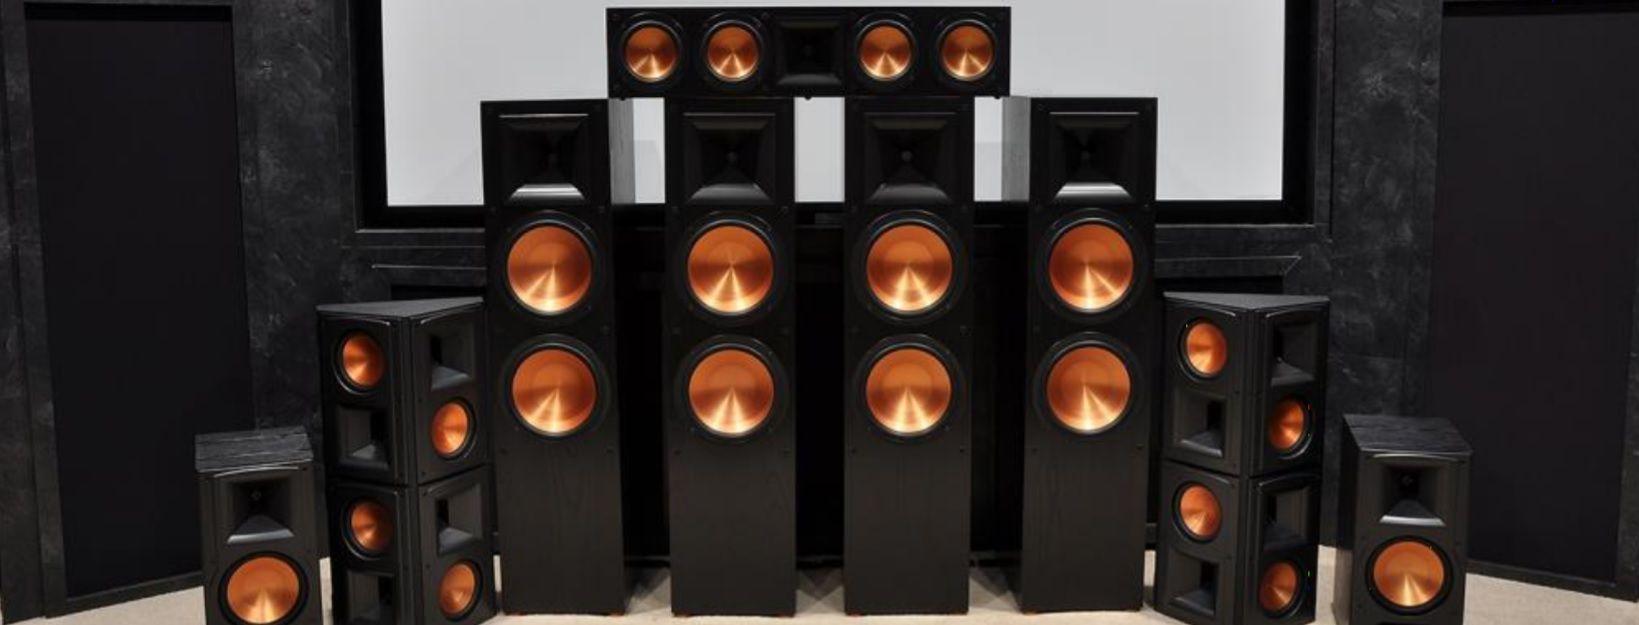 Waar moet je op letten bij het aanschaffen van een luidspreker?